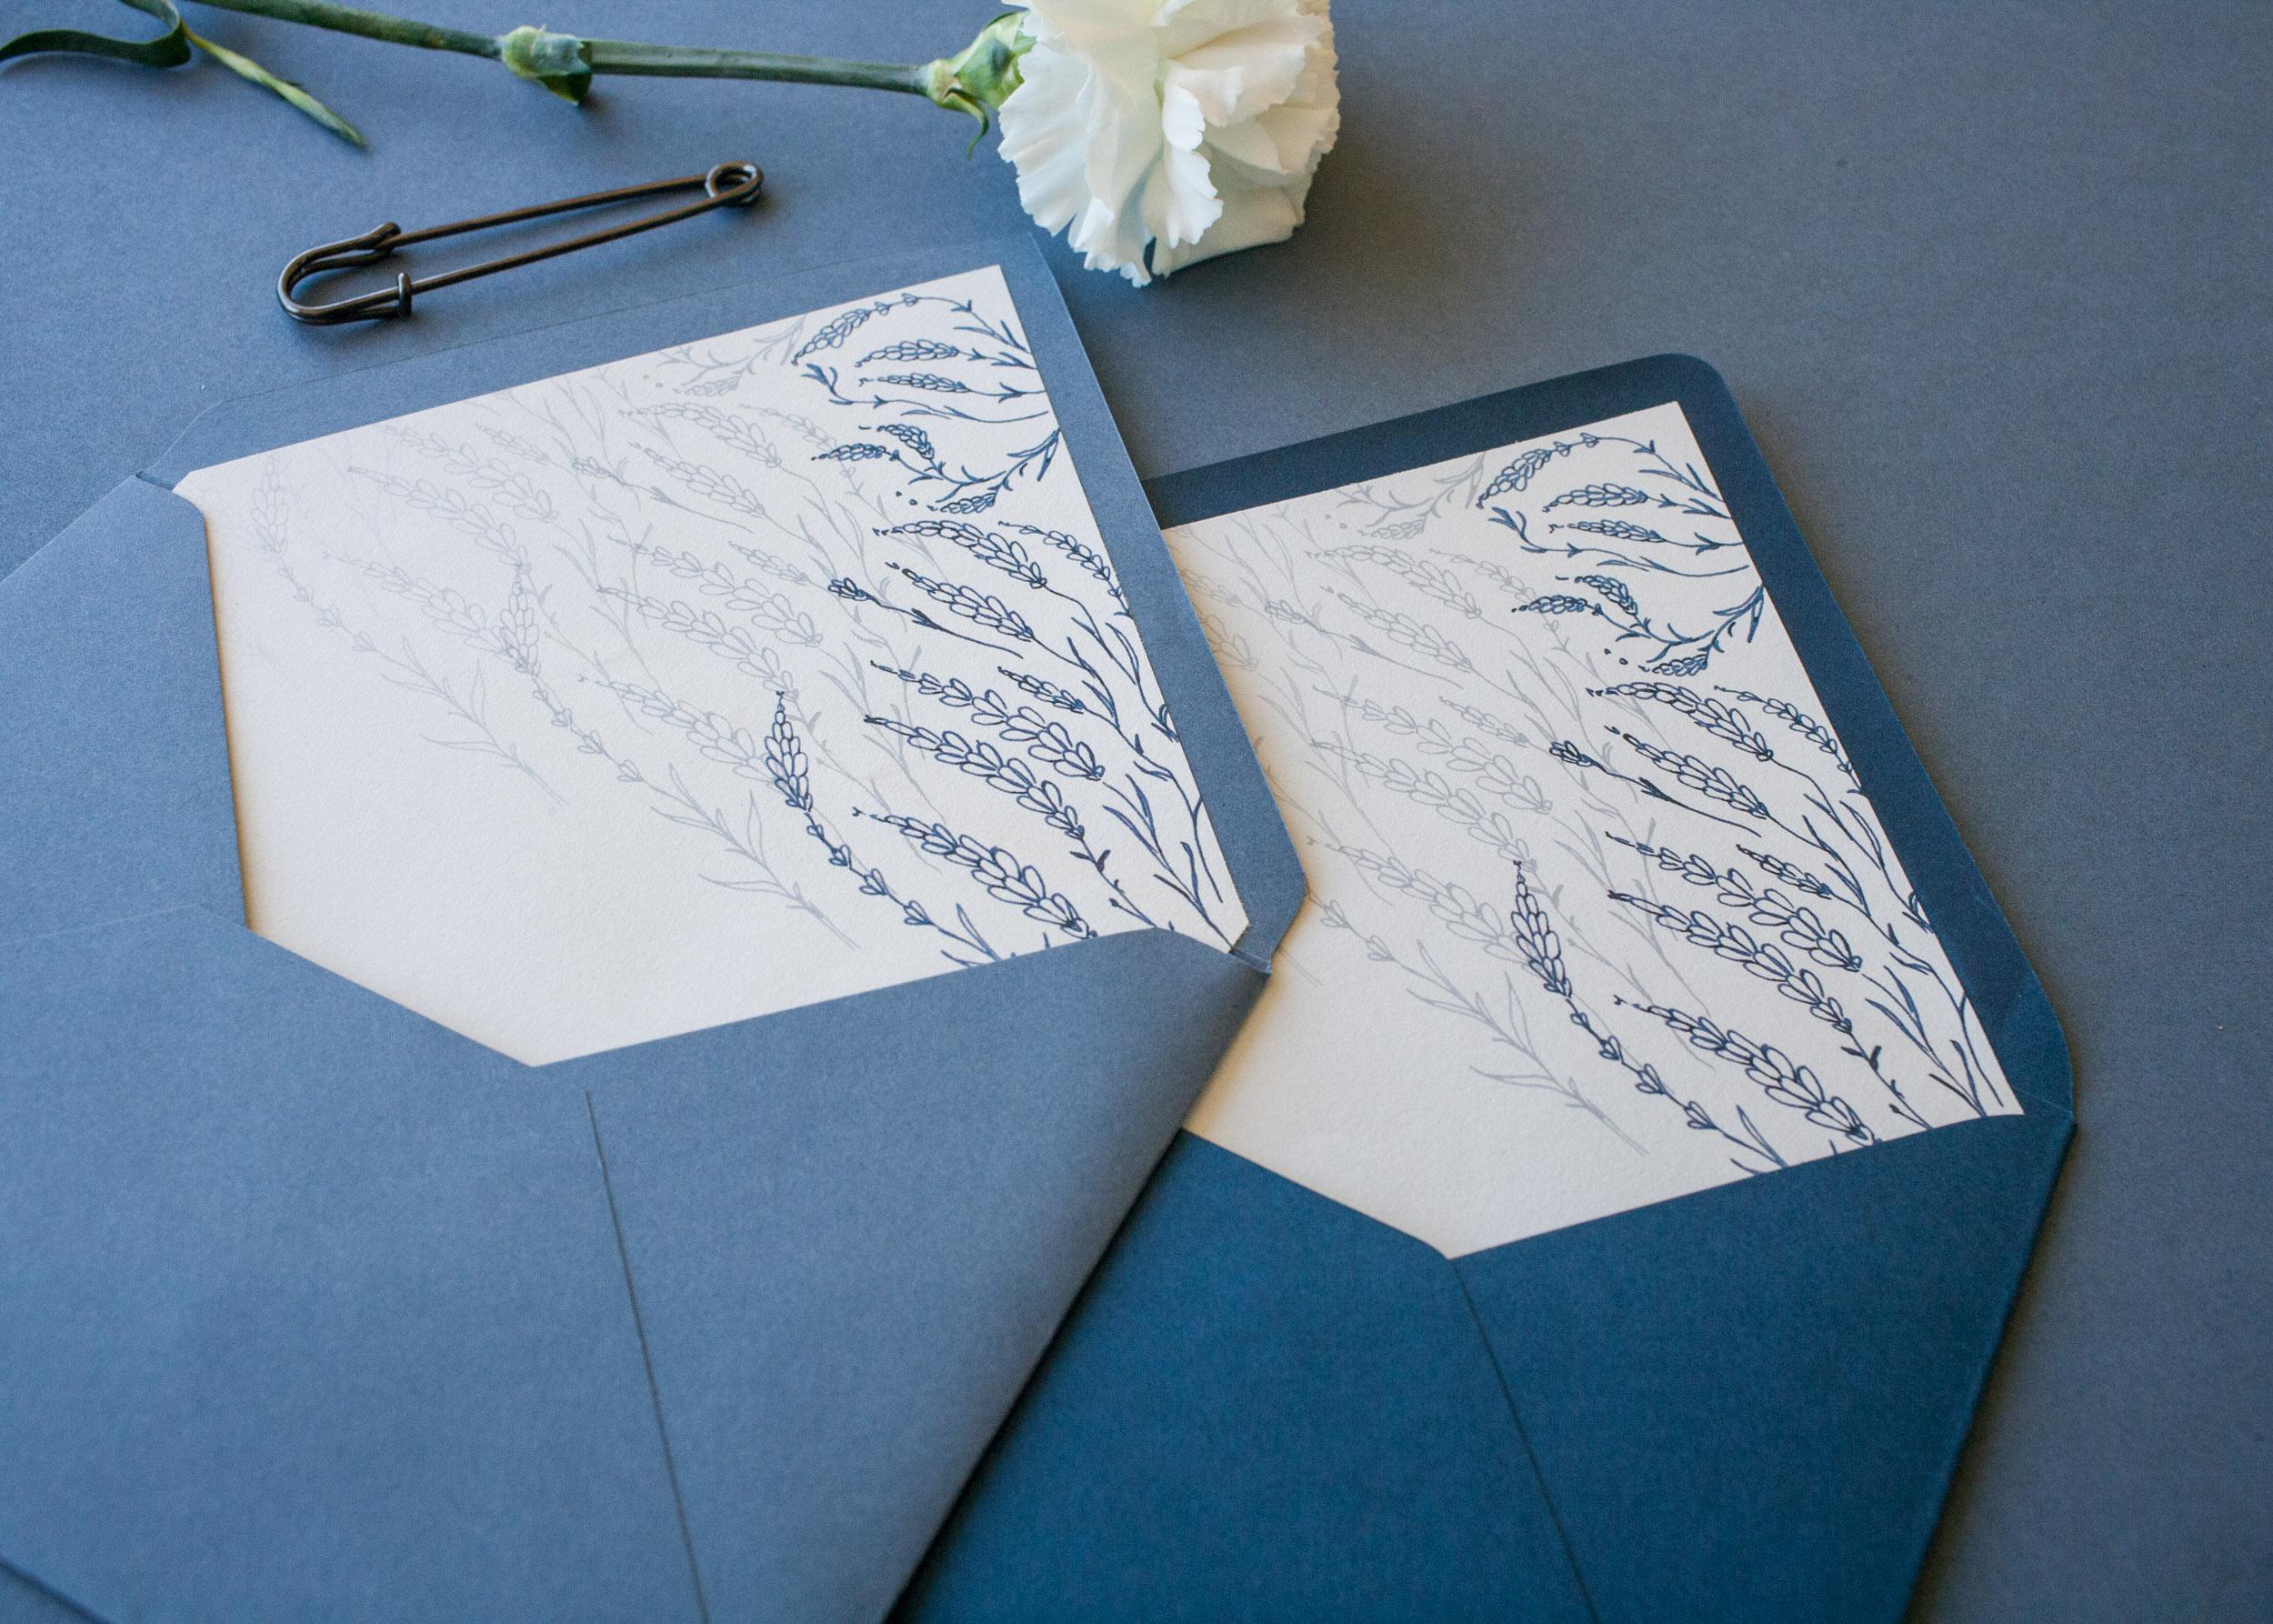 zaproszenie ślubne, zaproszenie dusty blue, koperta, koperta dusty blue